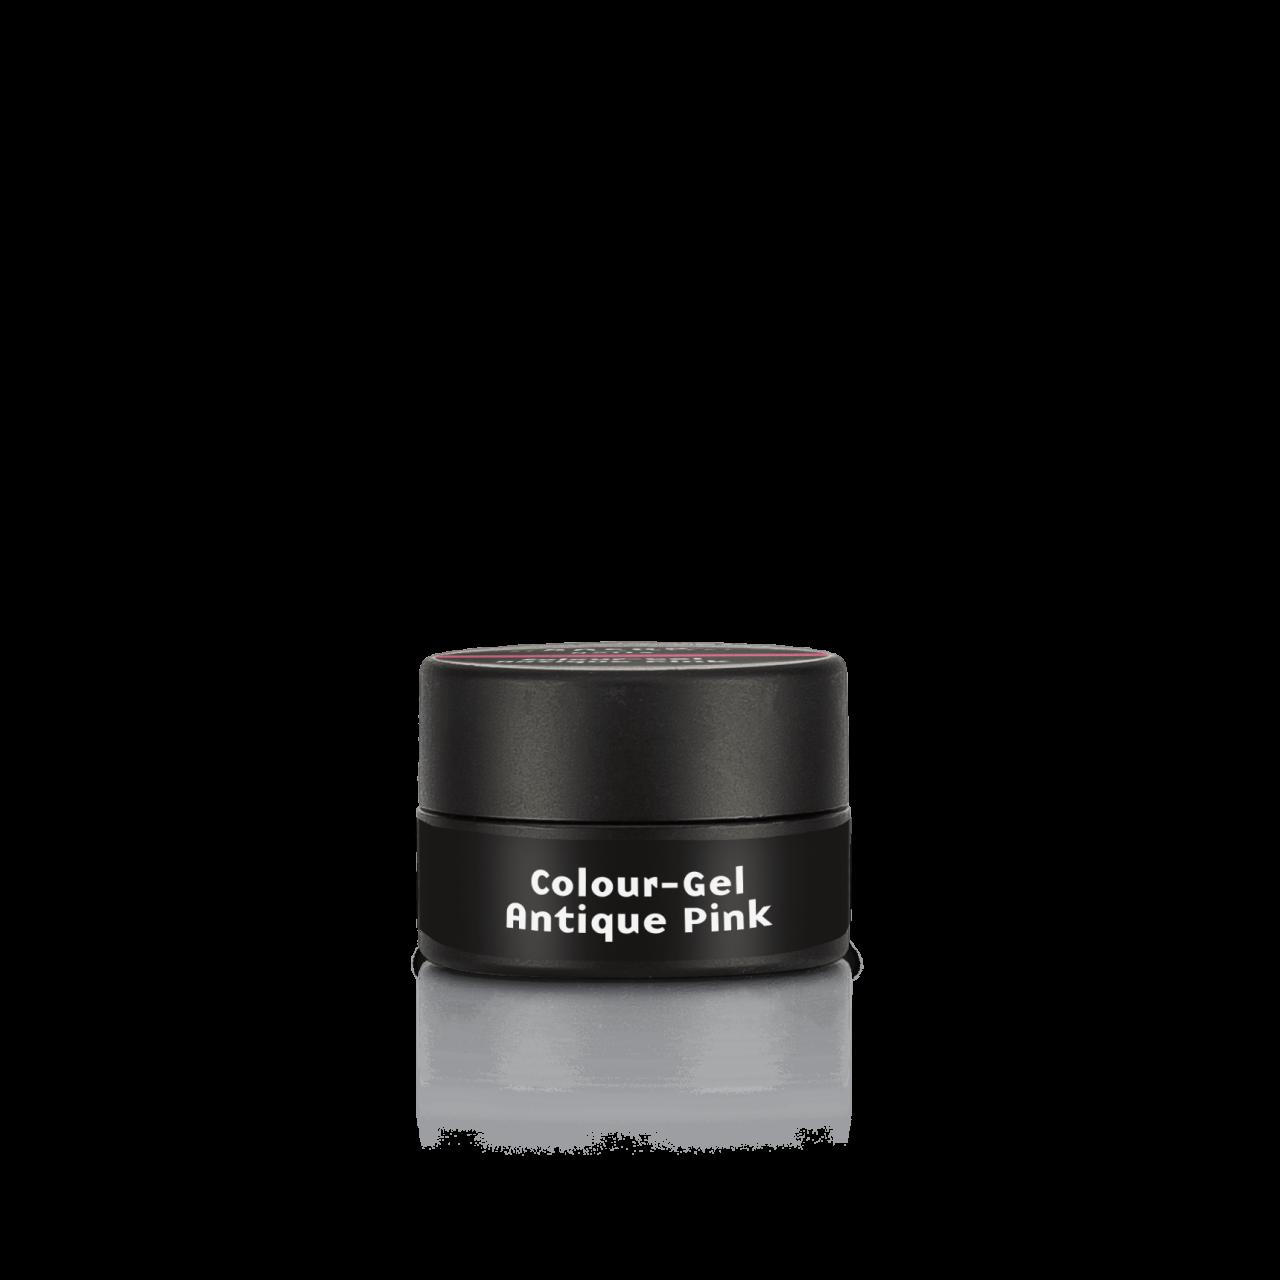 Colour-Gel Antique Pink 5 ml